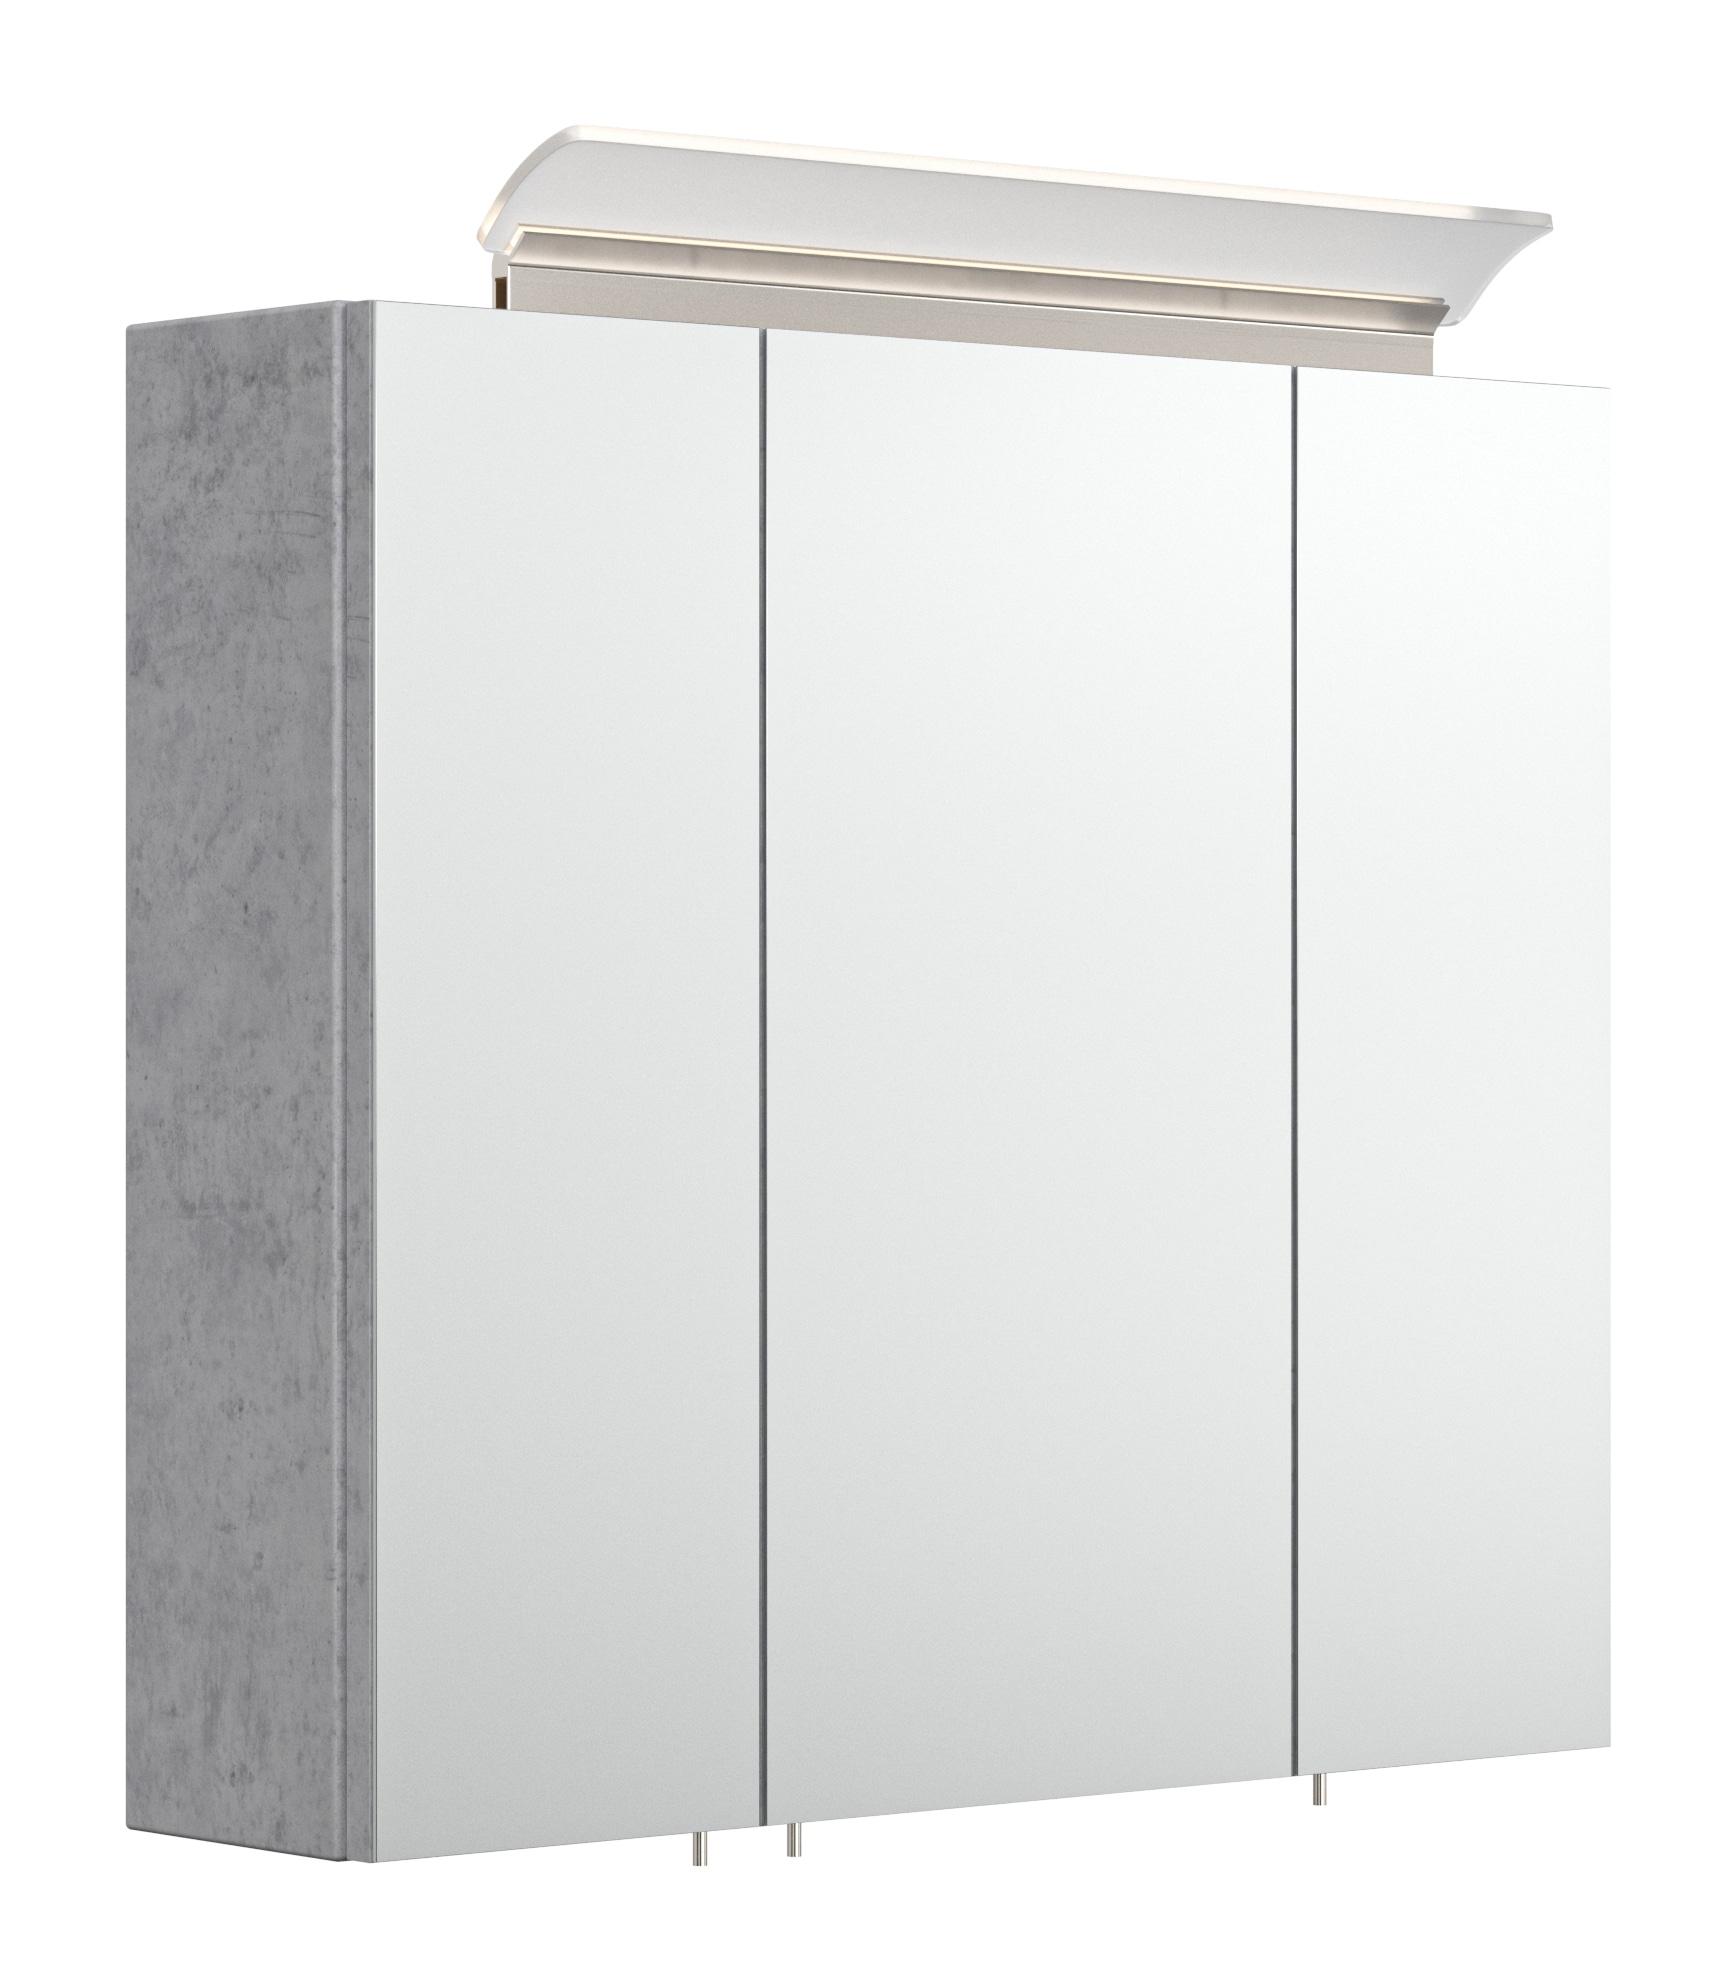 Saniclear Rocky 70cm spiegelkast met design LED verlichting beton grijs